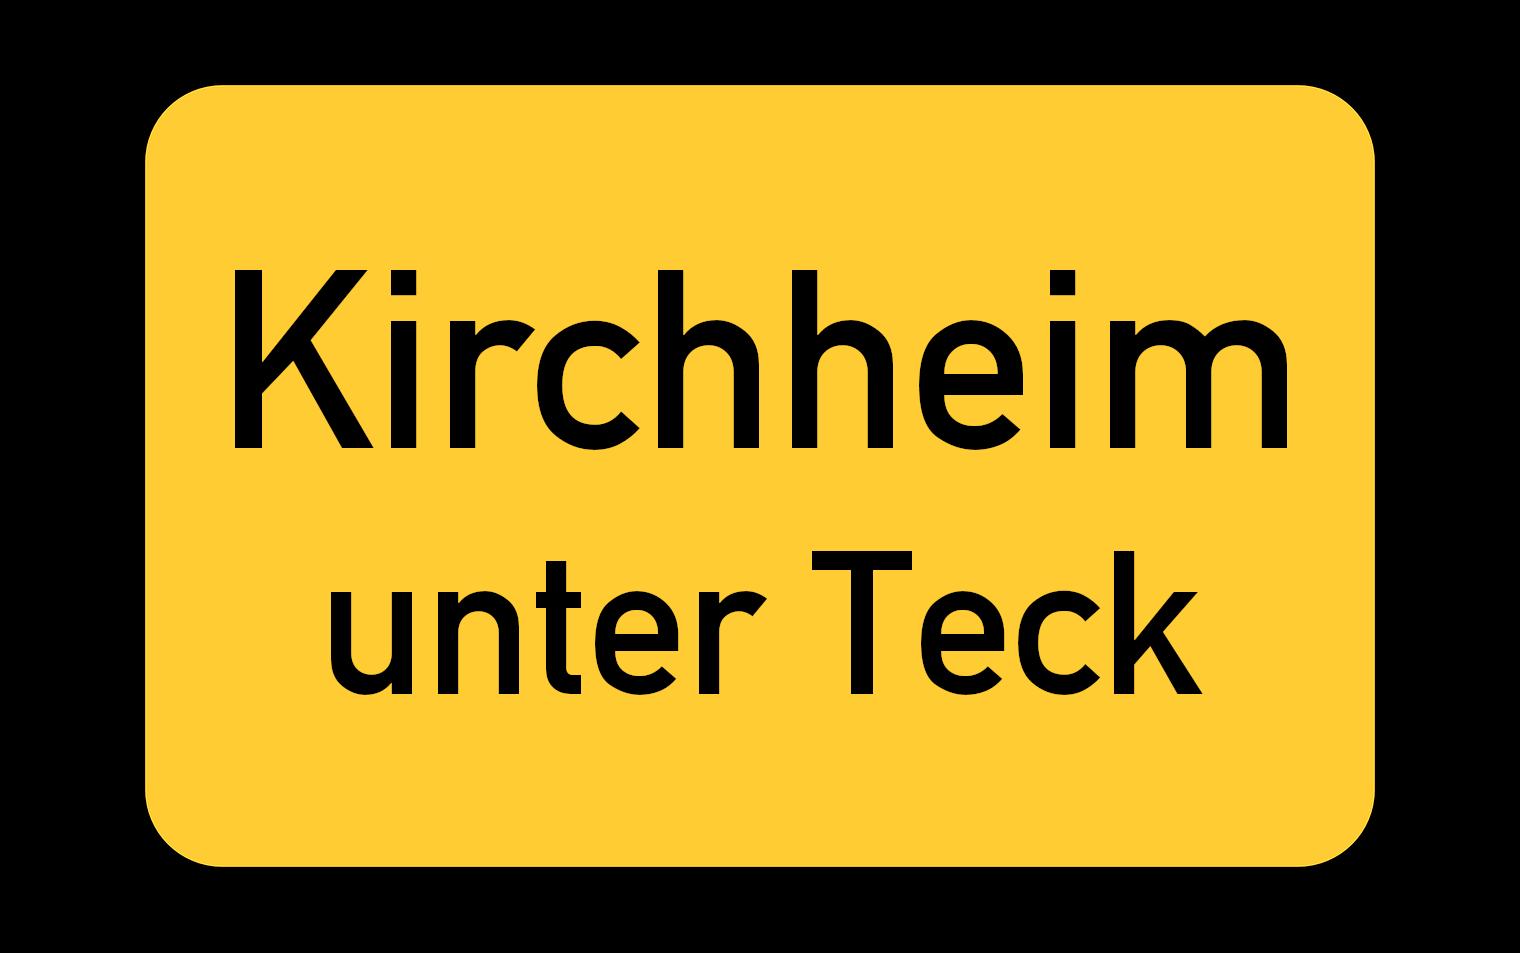 Isotox Schädlingsbekämpfung in Kirchheim unter Teck